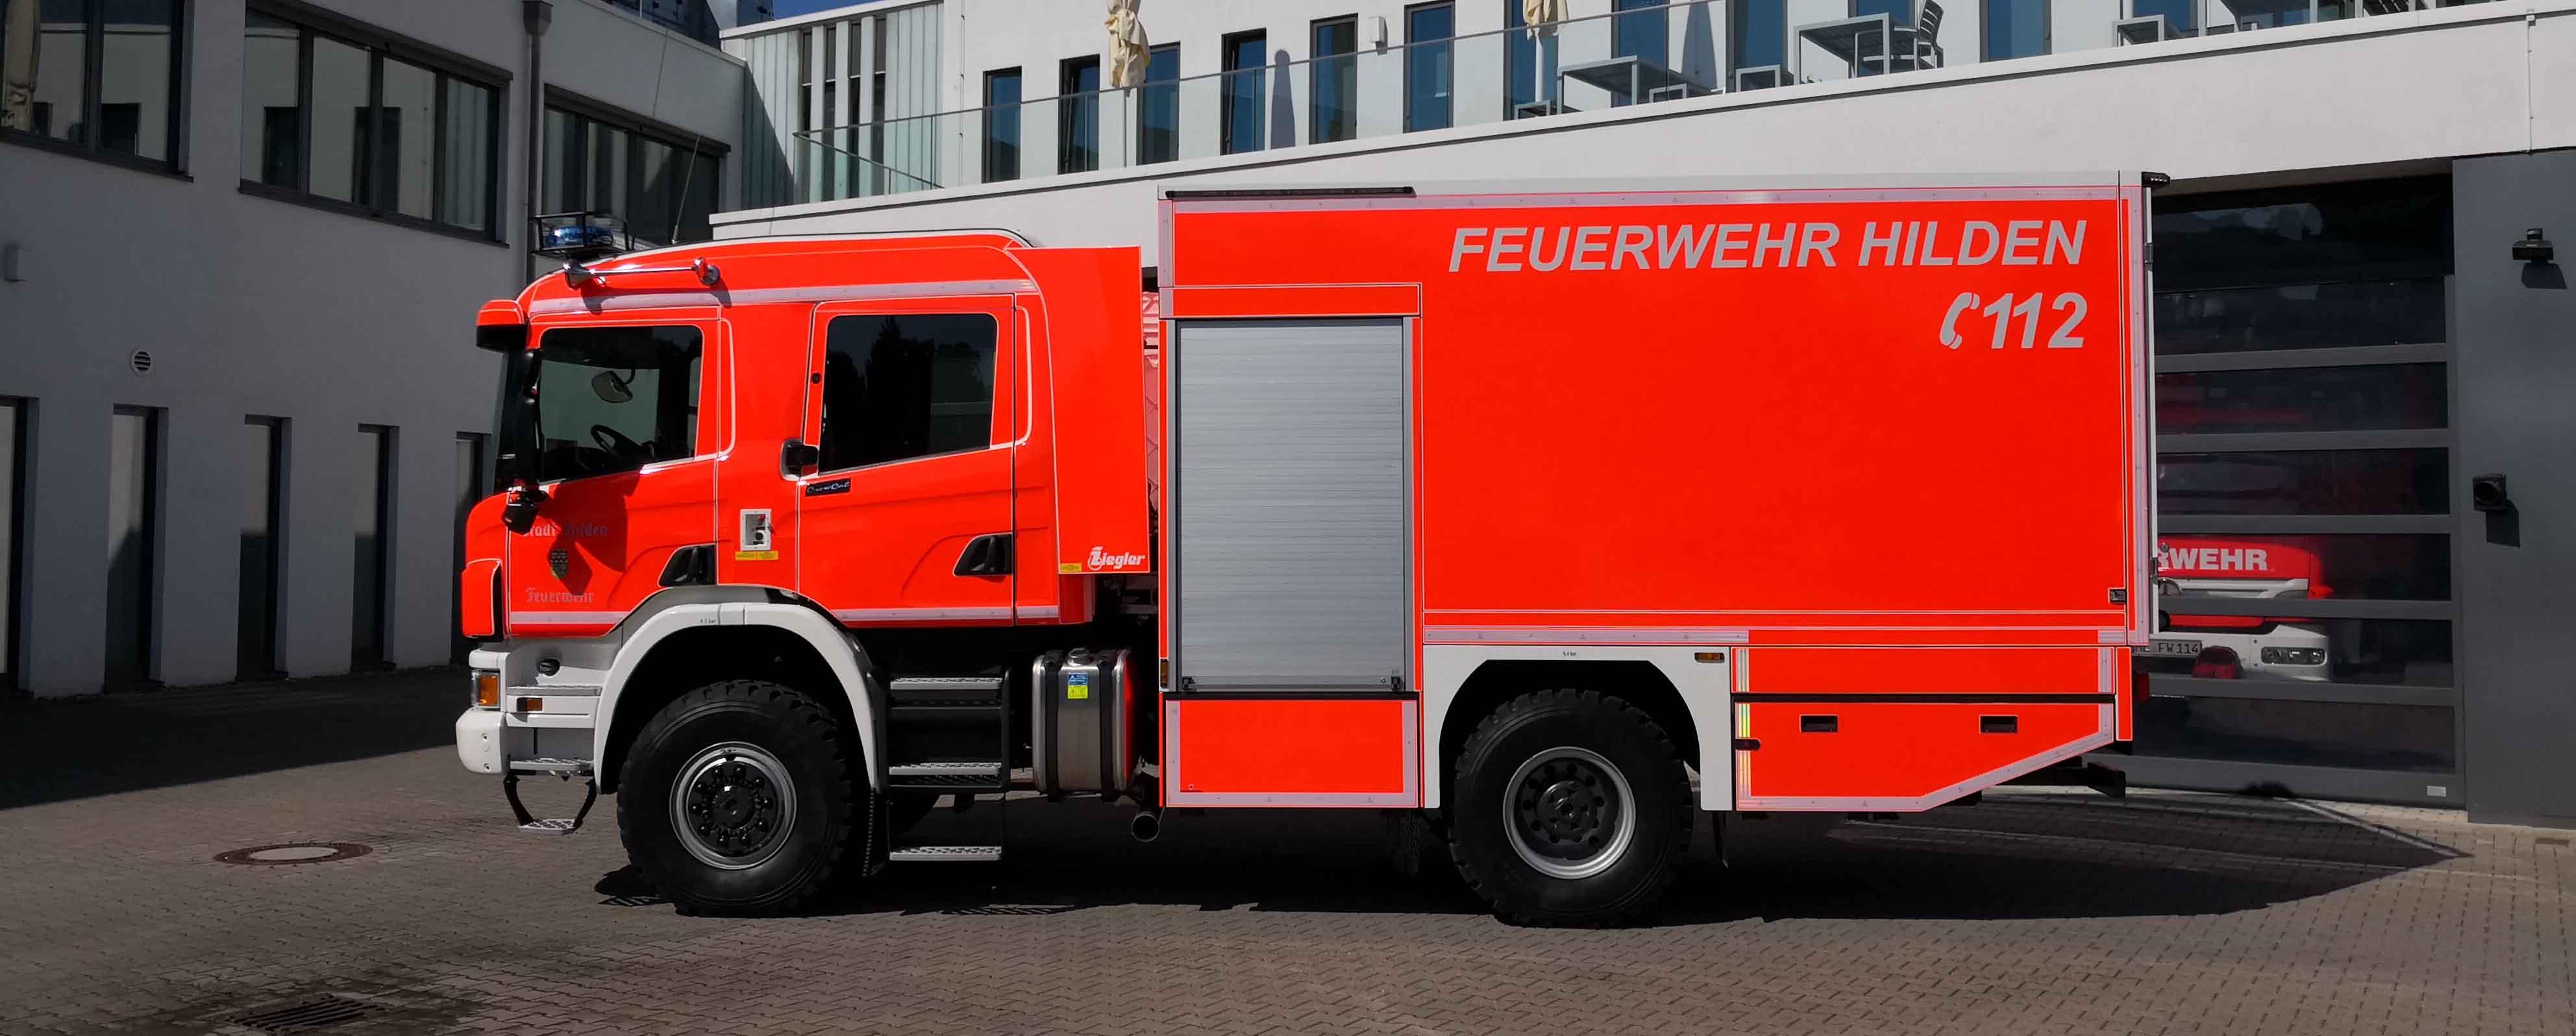 Feuertaufe für neuen Gerätewagen der Feuerwehr Hilden